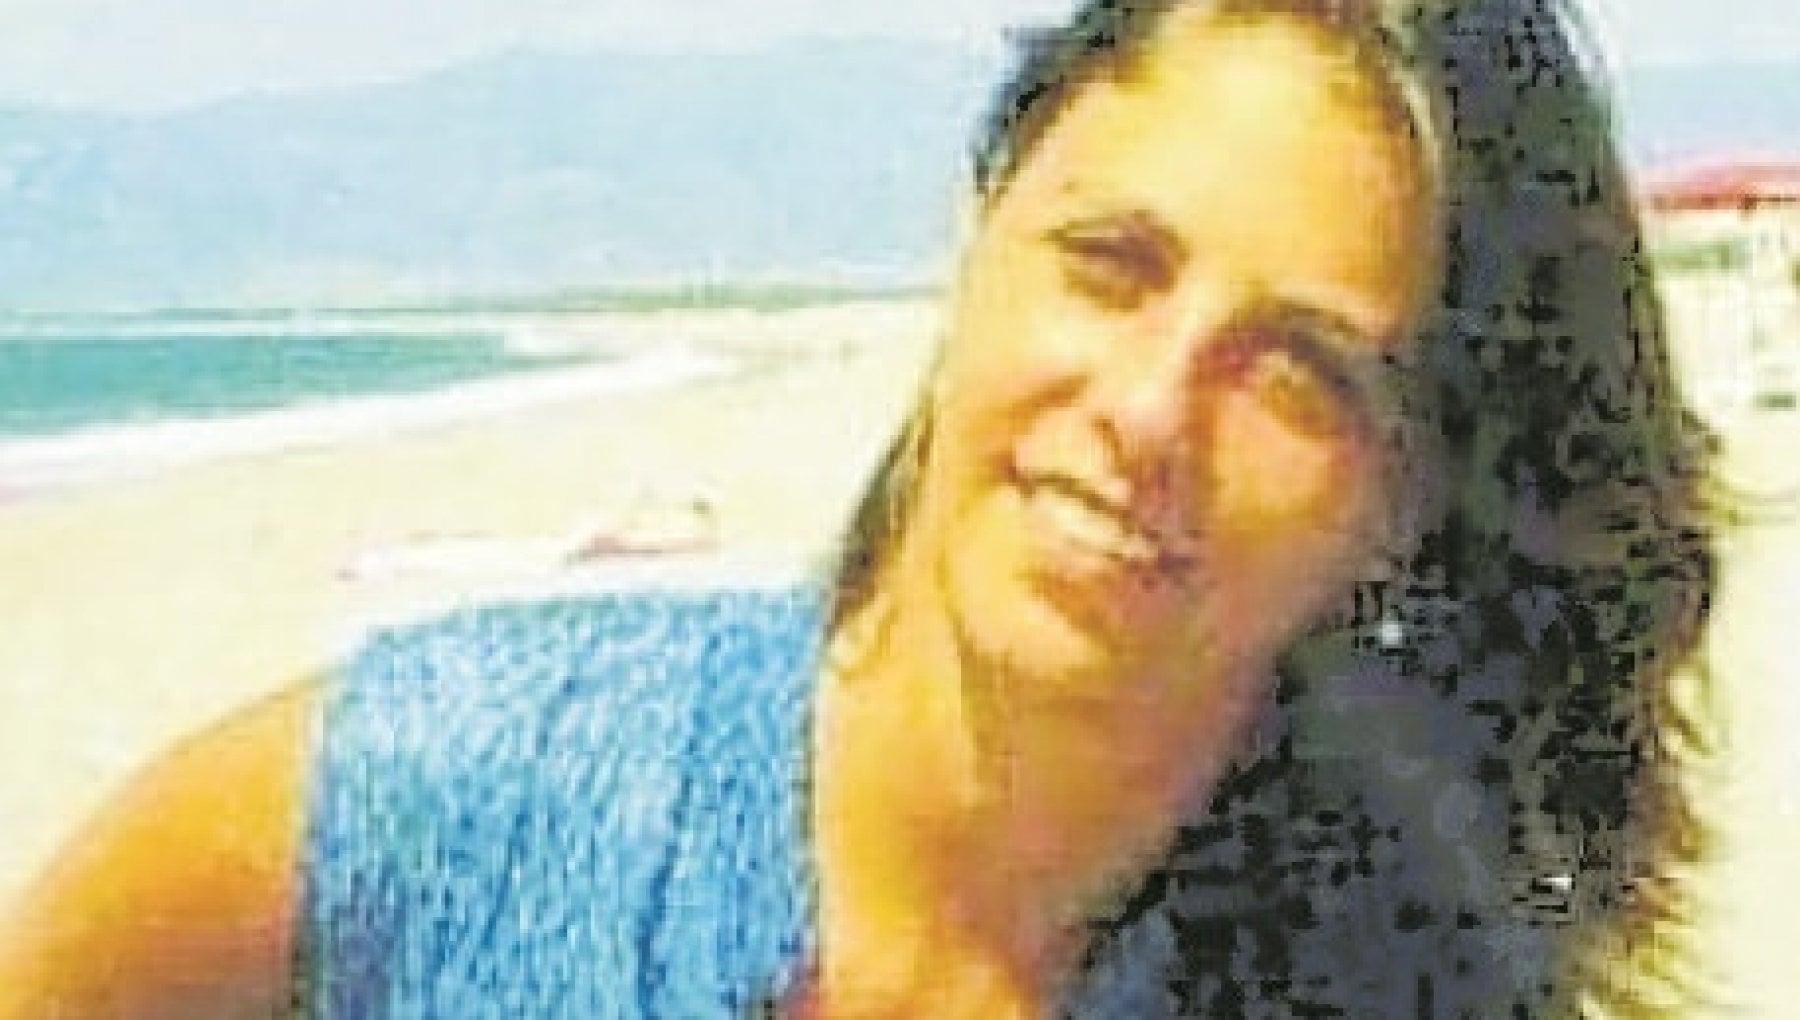 Mia figlia non fu mai cercata davvero i resti trovati dopo 19 anni vicino a casa